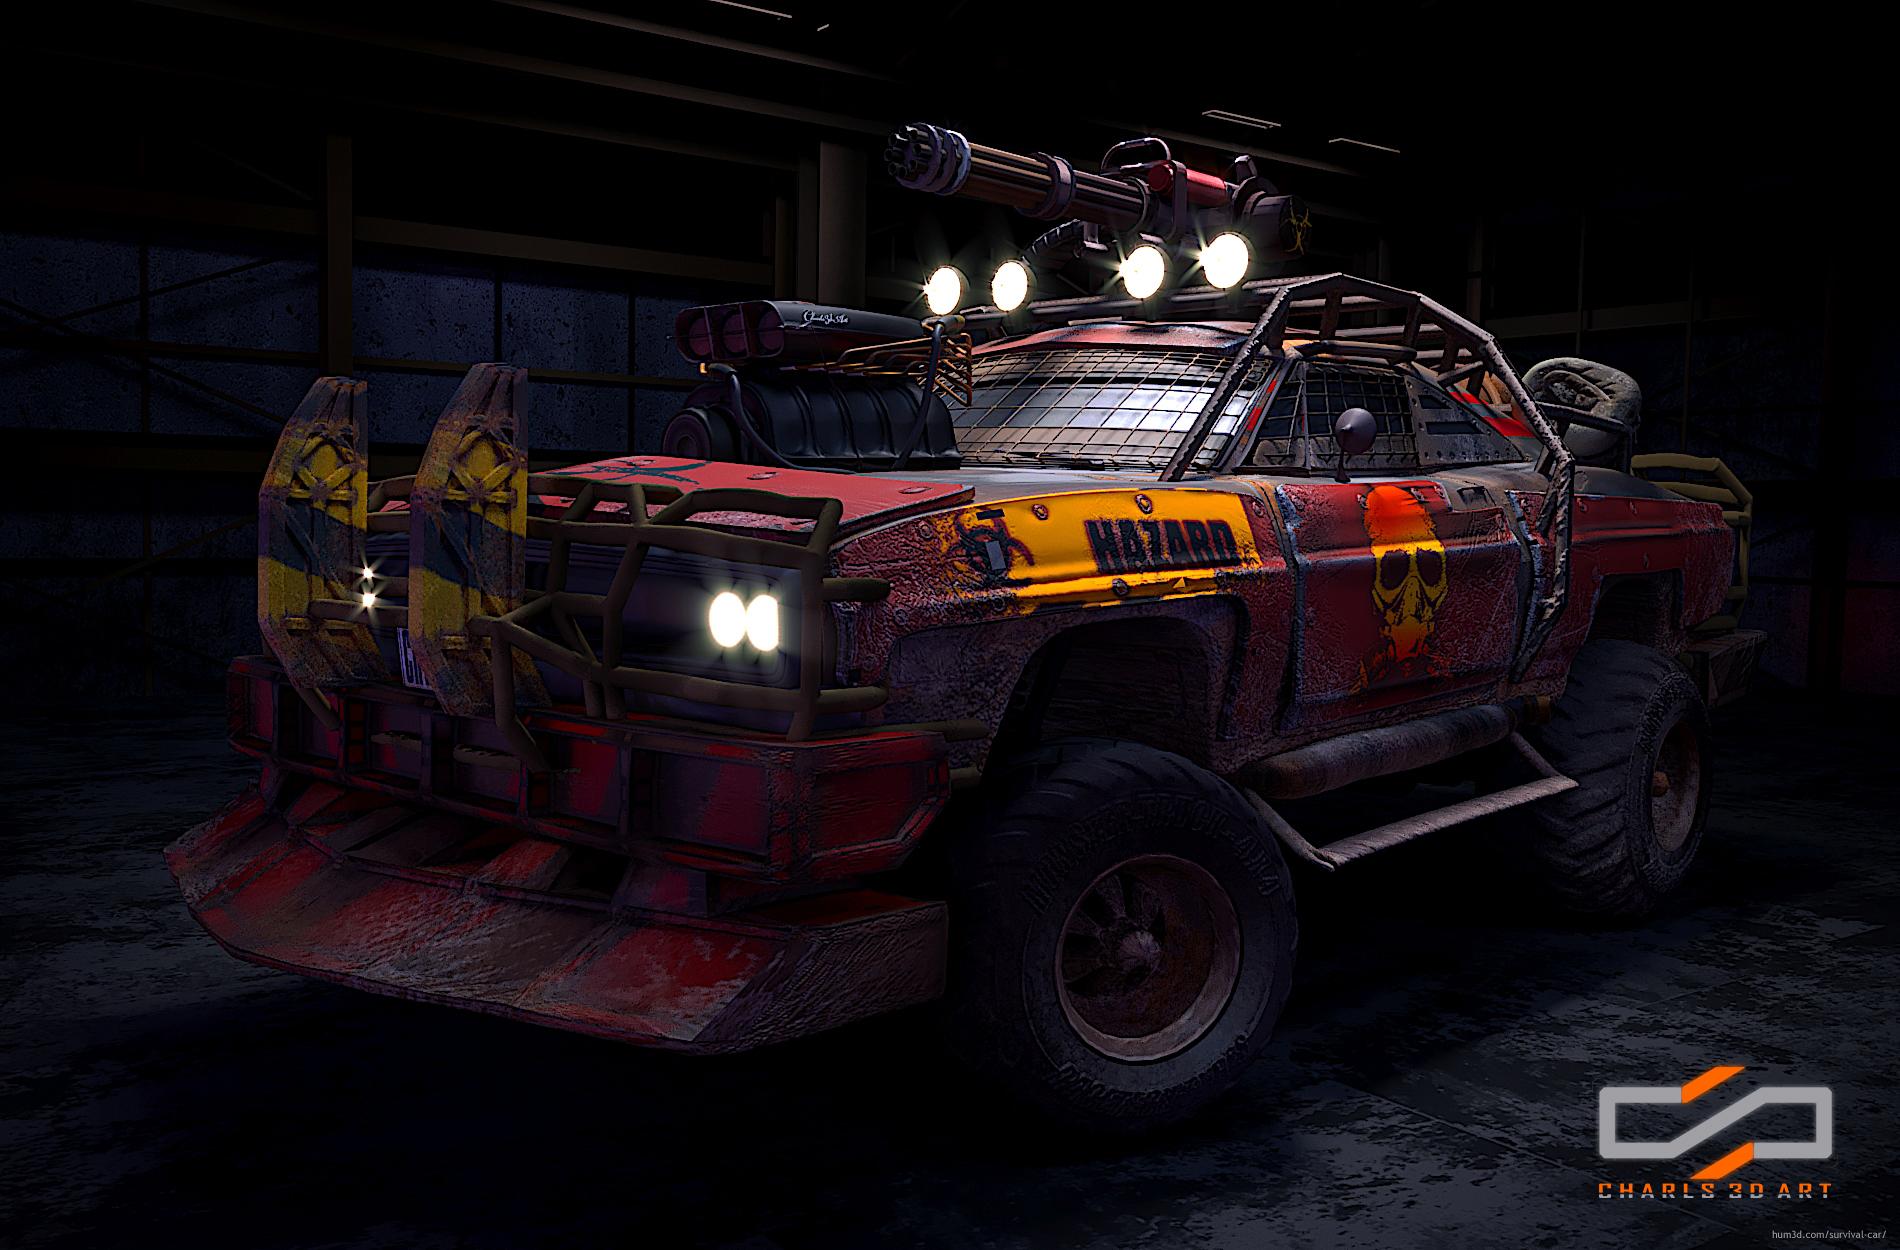 Dodge Red Beast 3d art